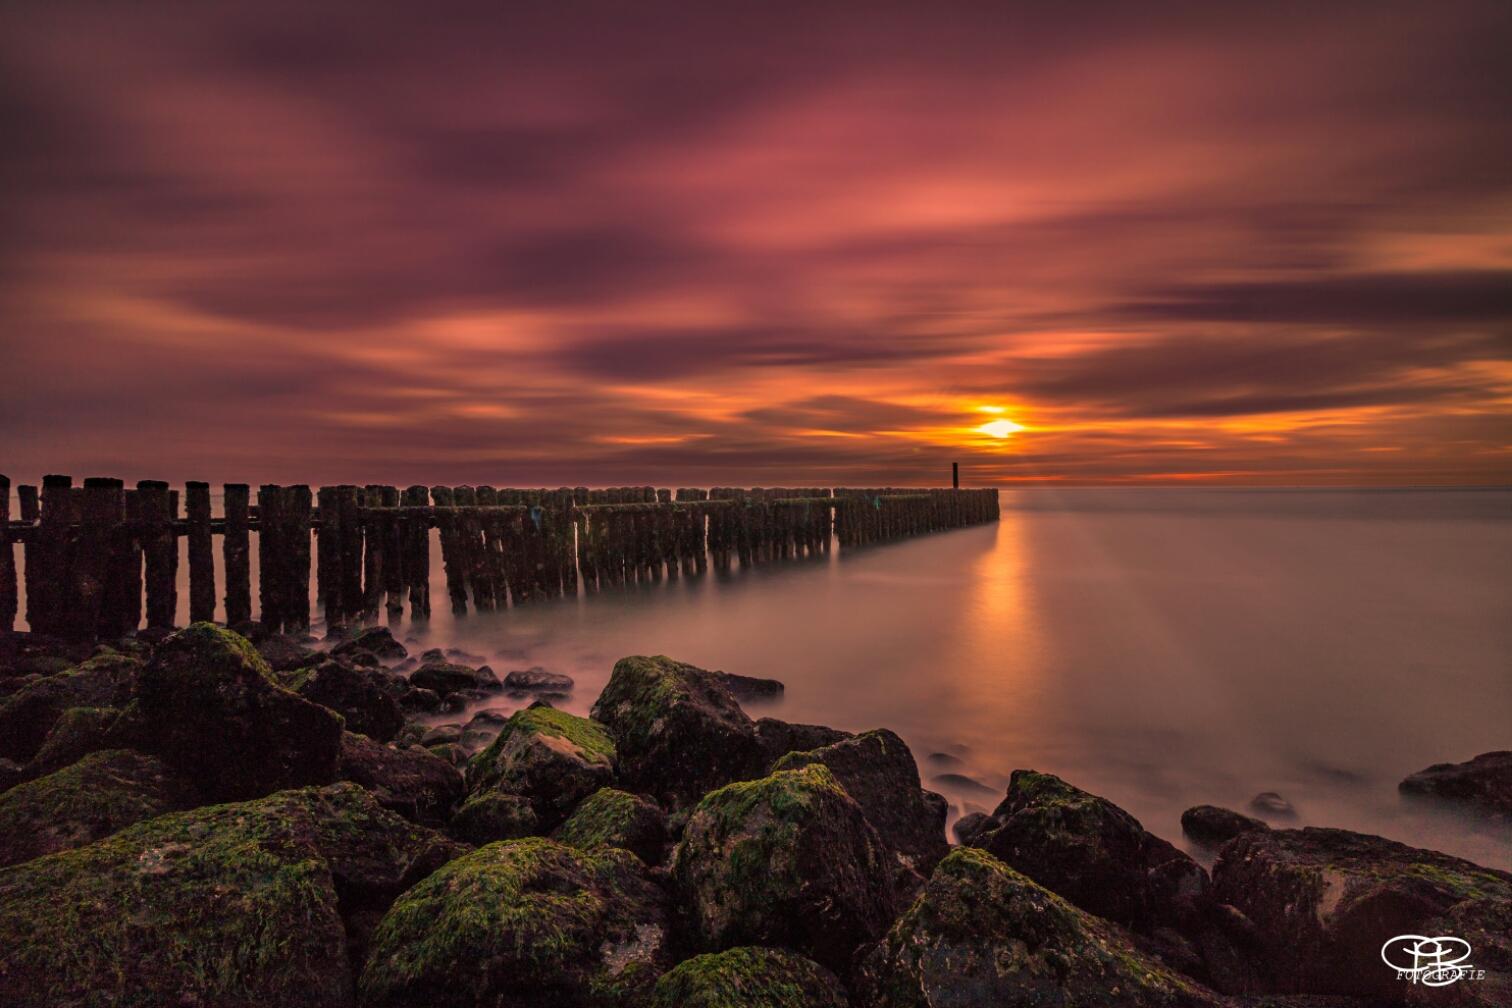 Traumhafter Sonnenuntergang am Meer, Netherlands